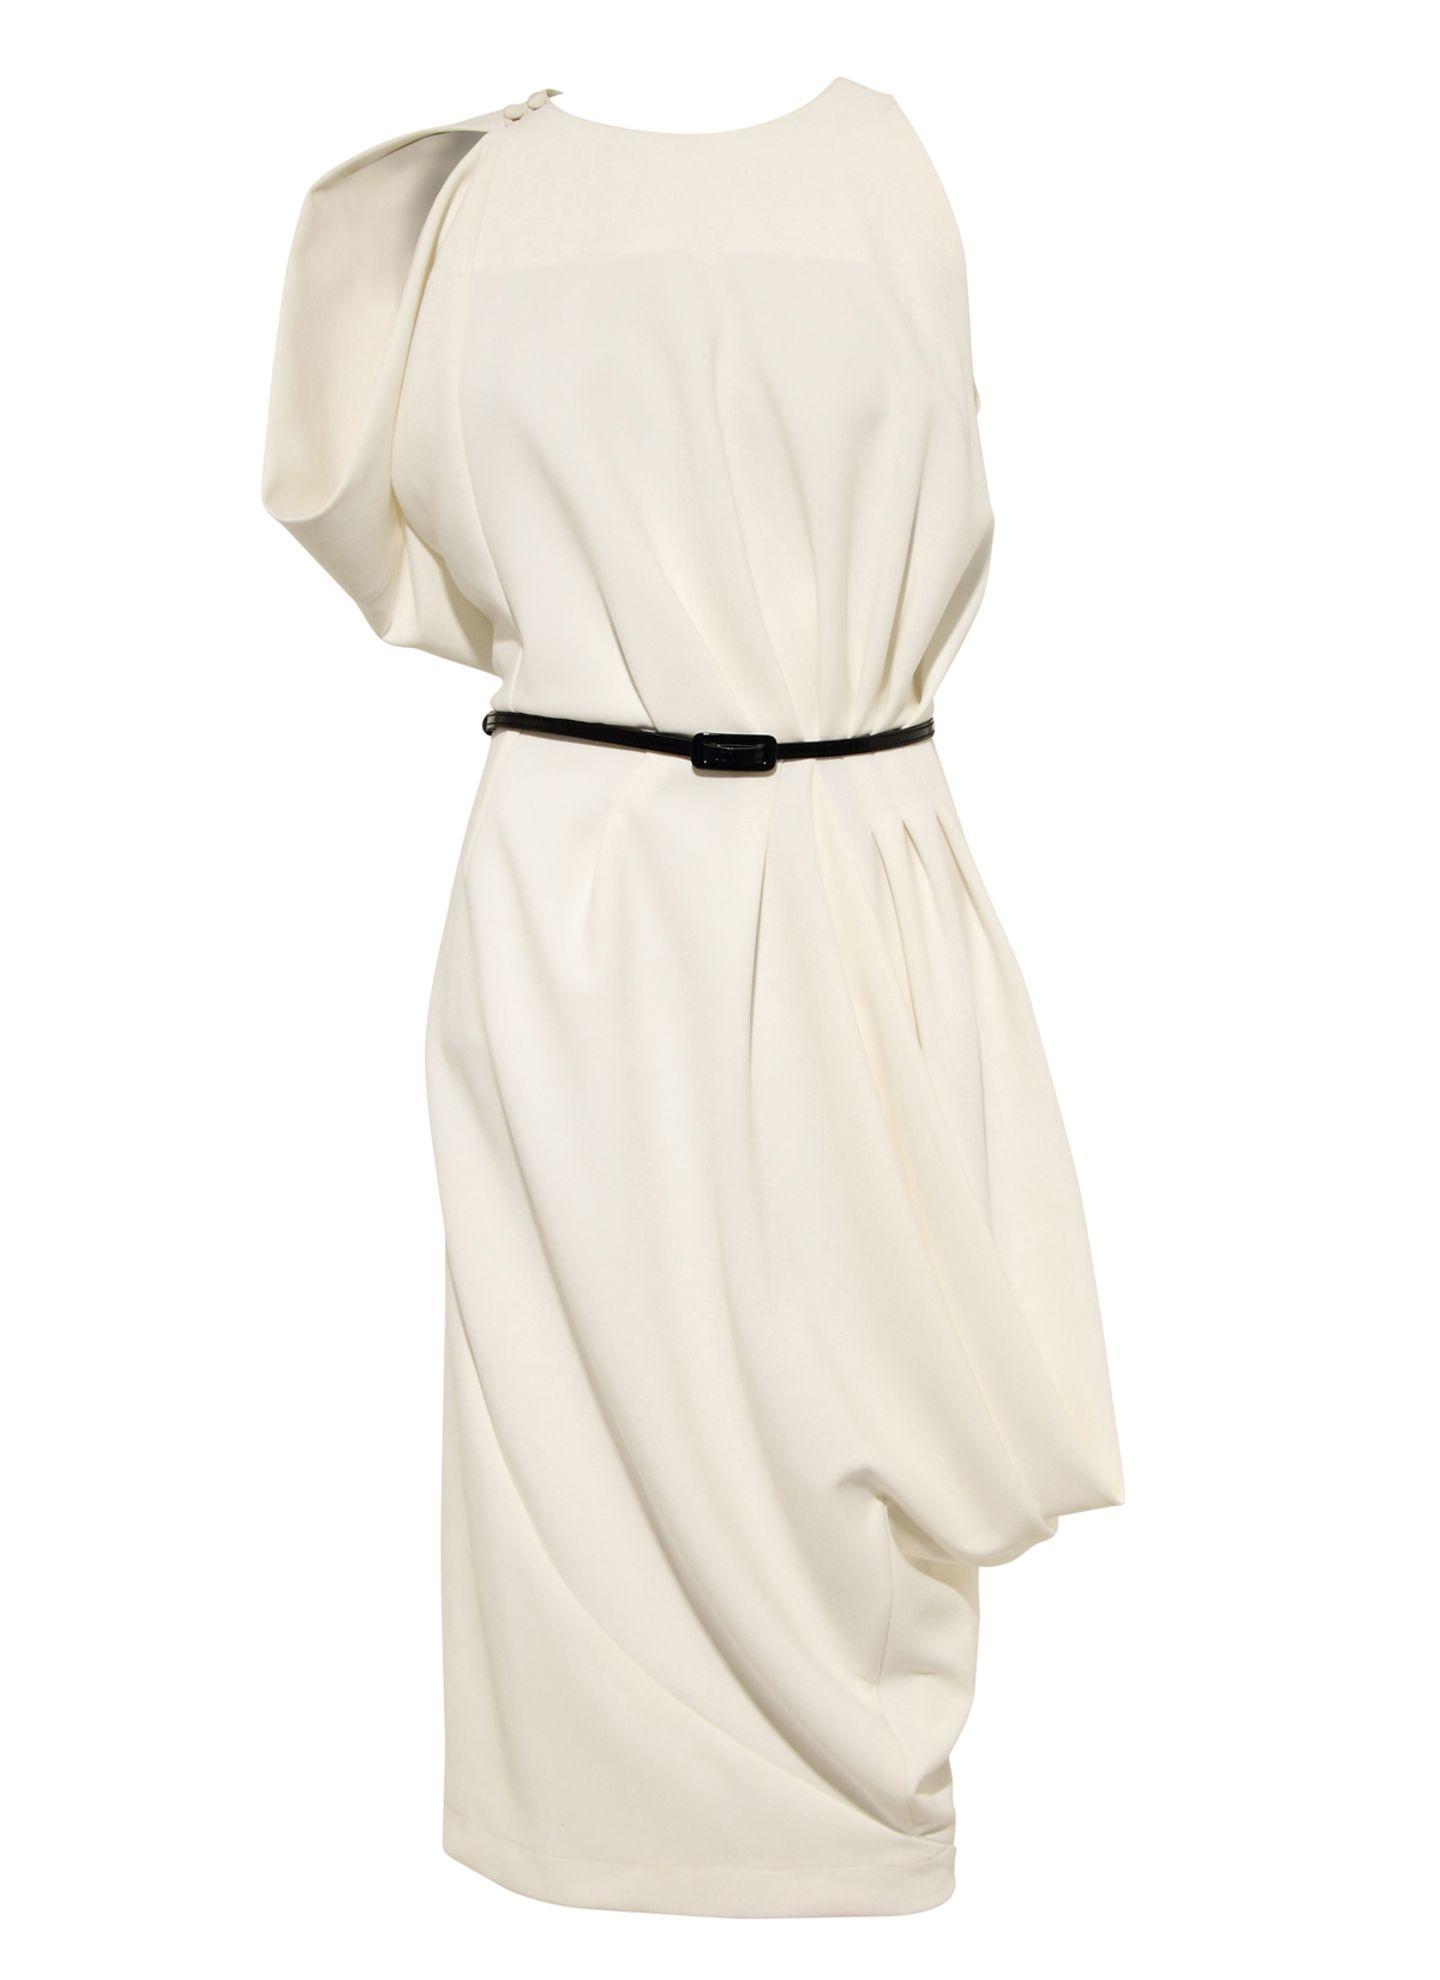 Das cremefarbene asymmetrische Kleid aus weich fallendem Crêpe wirkt besonders weiblich. Von Unrath & Strano, ca. 795 Euro